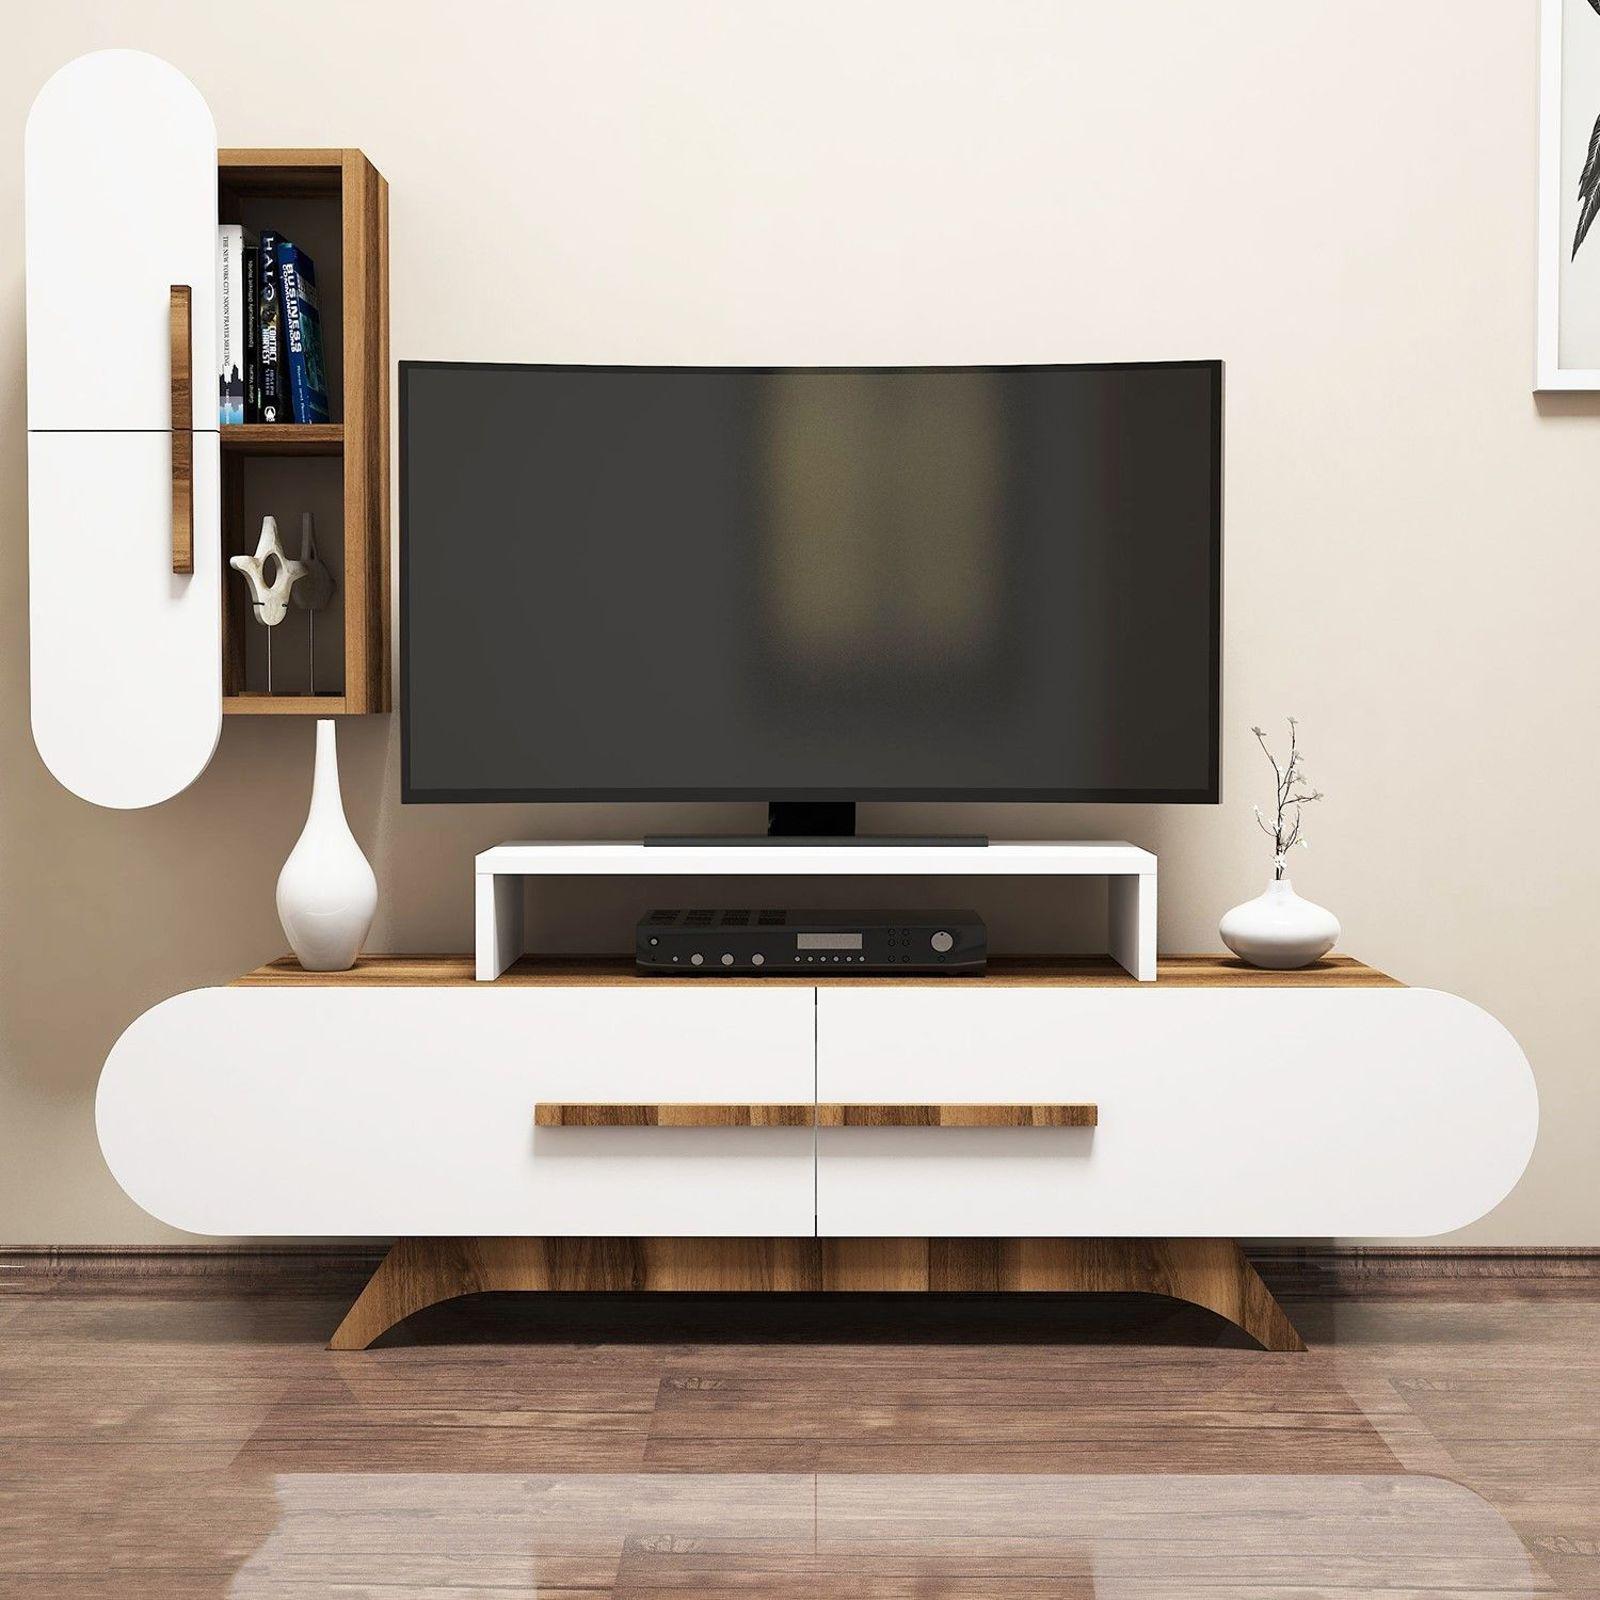 Variant Rose Duvar Raflı Tv Sehpası Ceviz Beyaz | Yukko Inside Ducar 84 Inch Tv Stands (View 18 of 30)